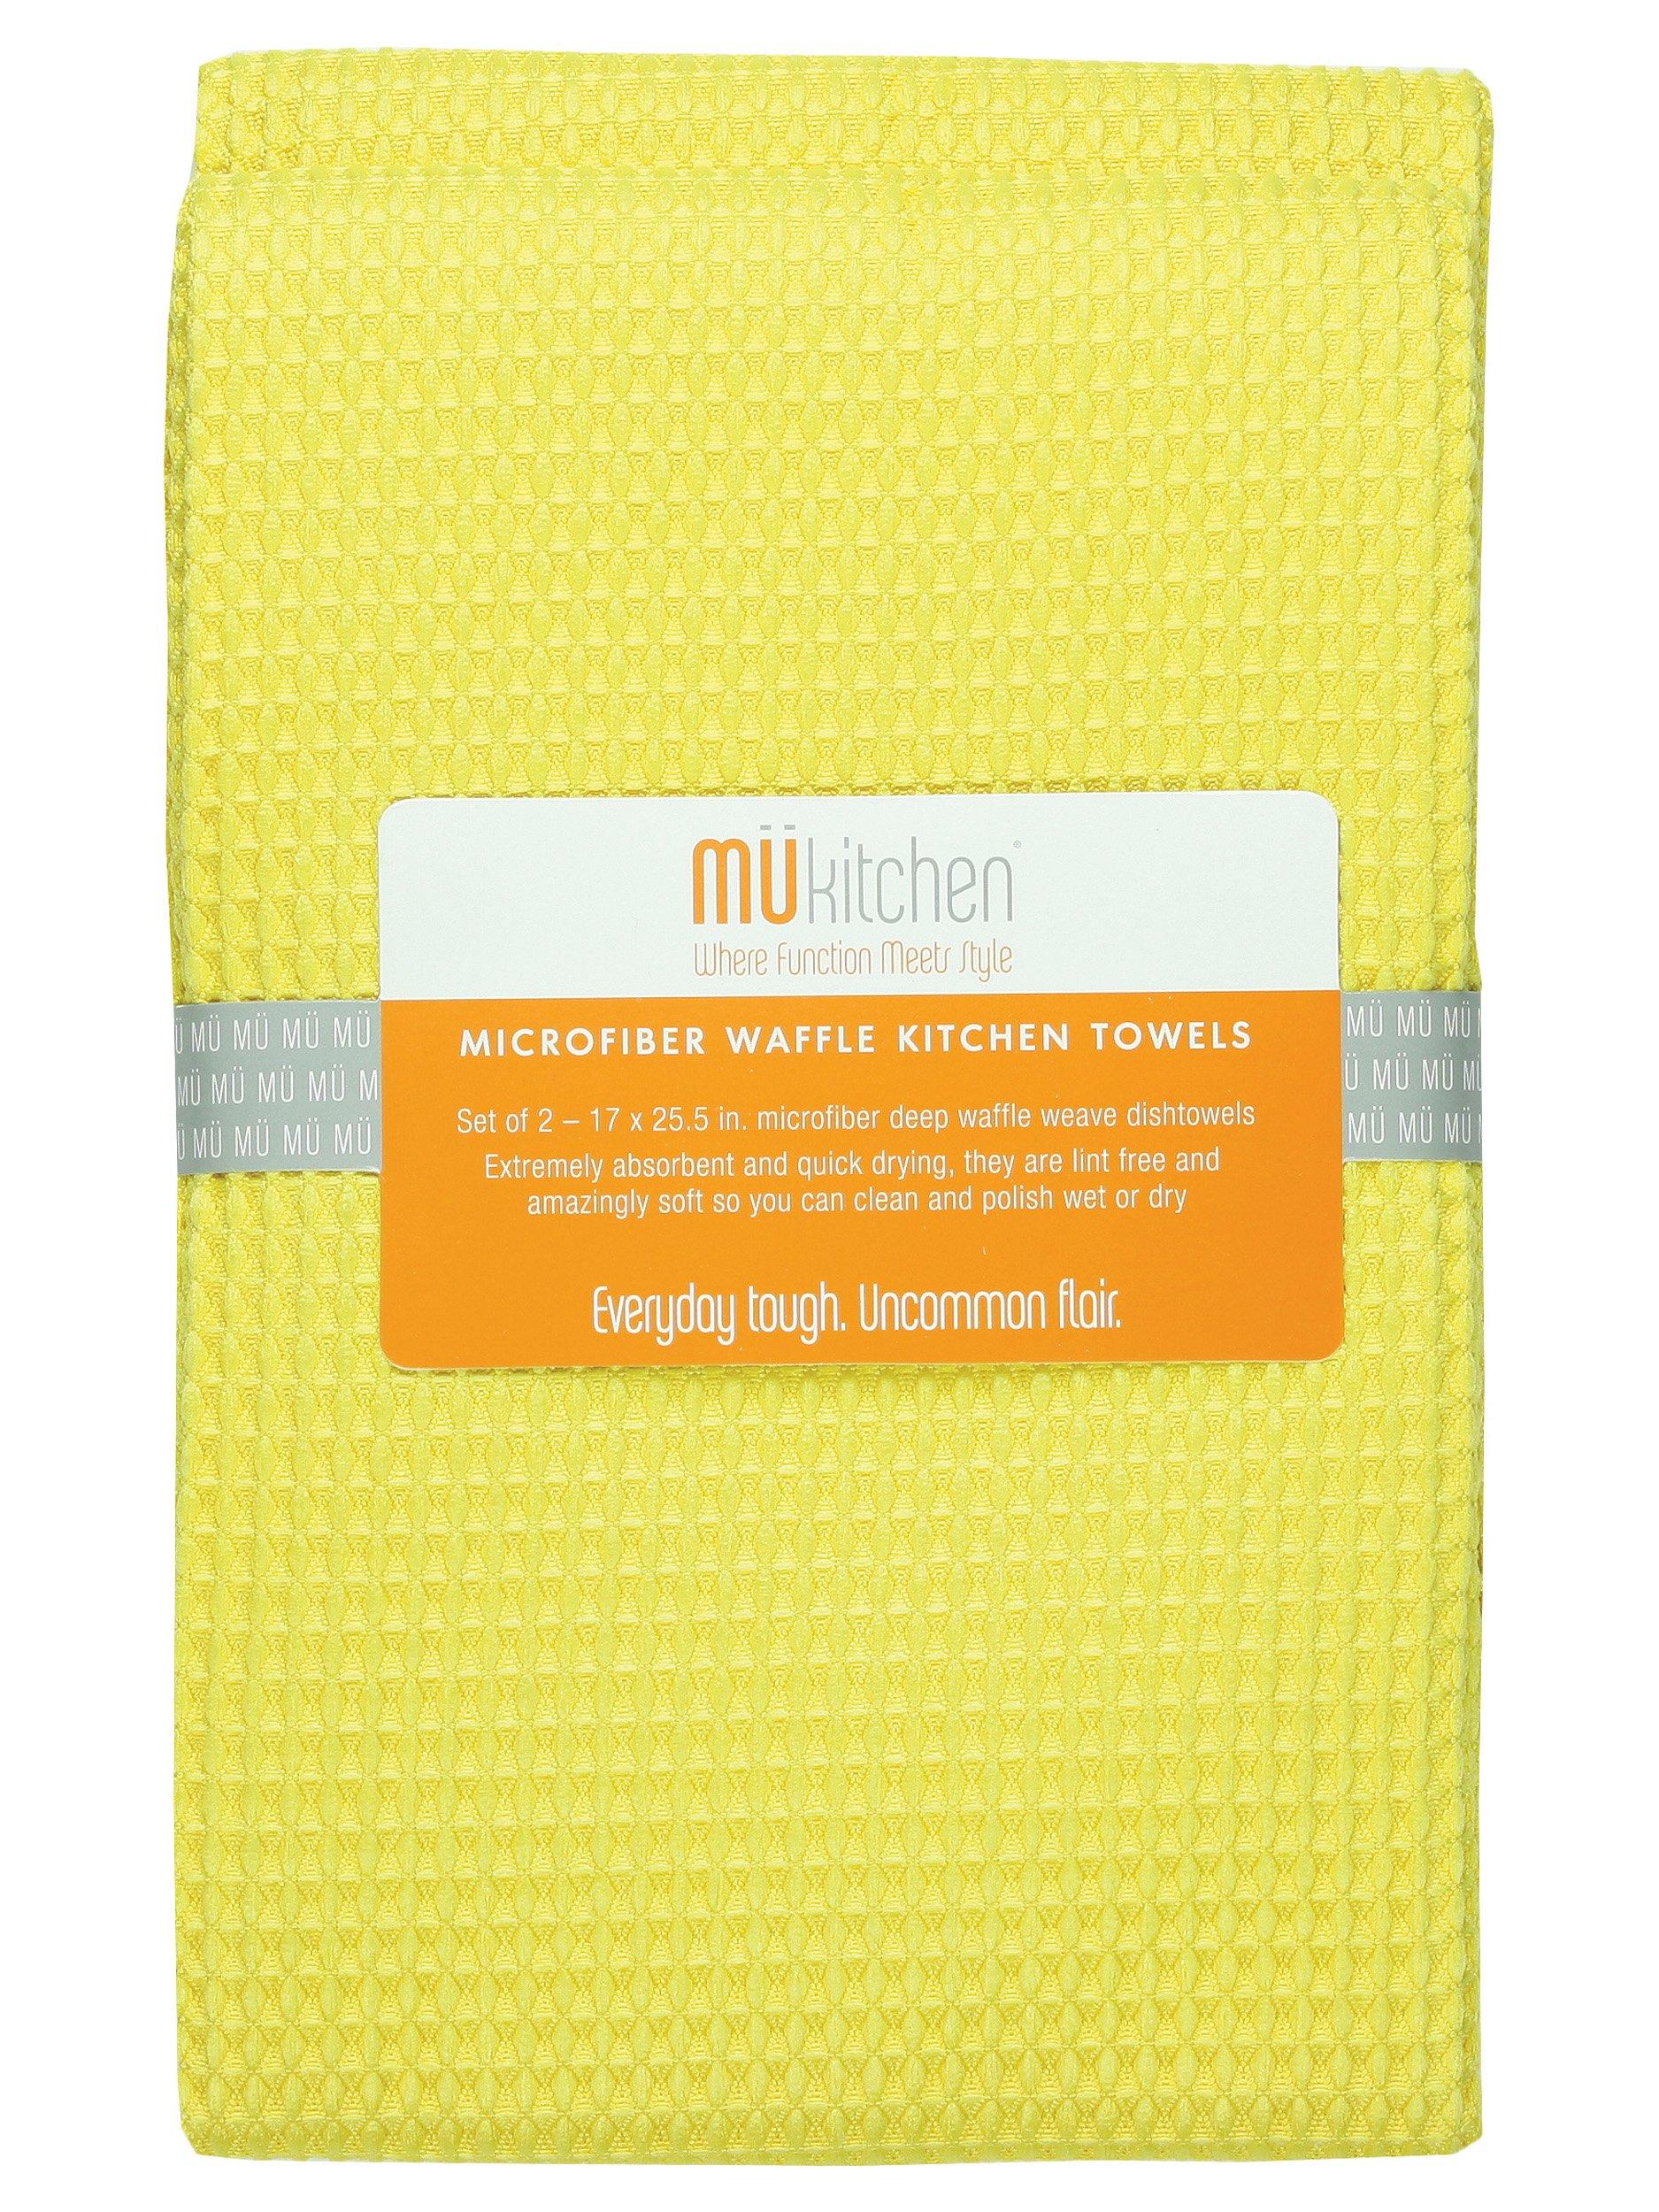 MUkitchen MUmodern Waffle Microfiber Dishtowel, Set of 2, Lemon by MUkitchen